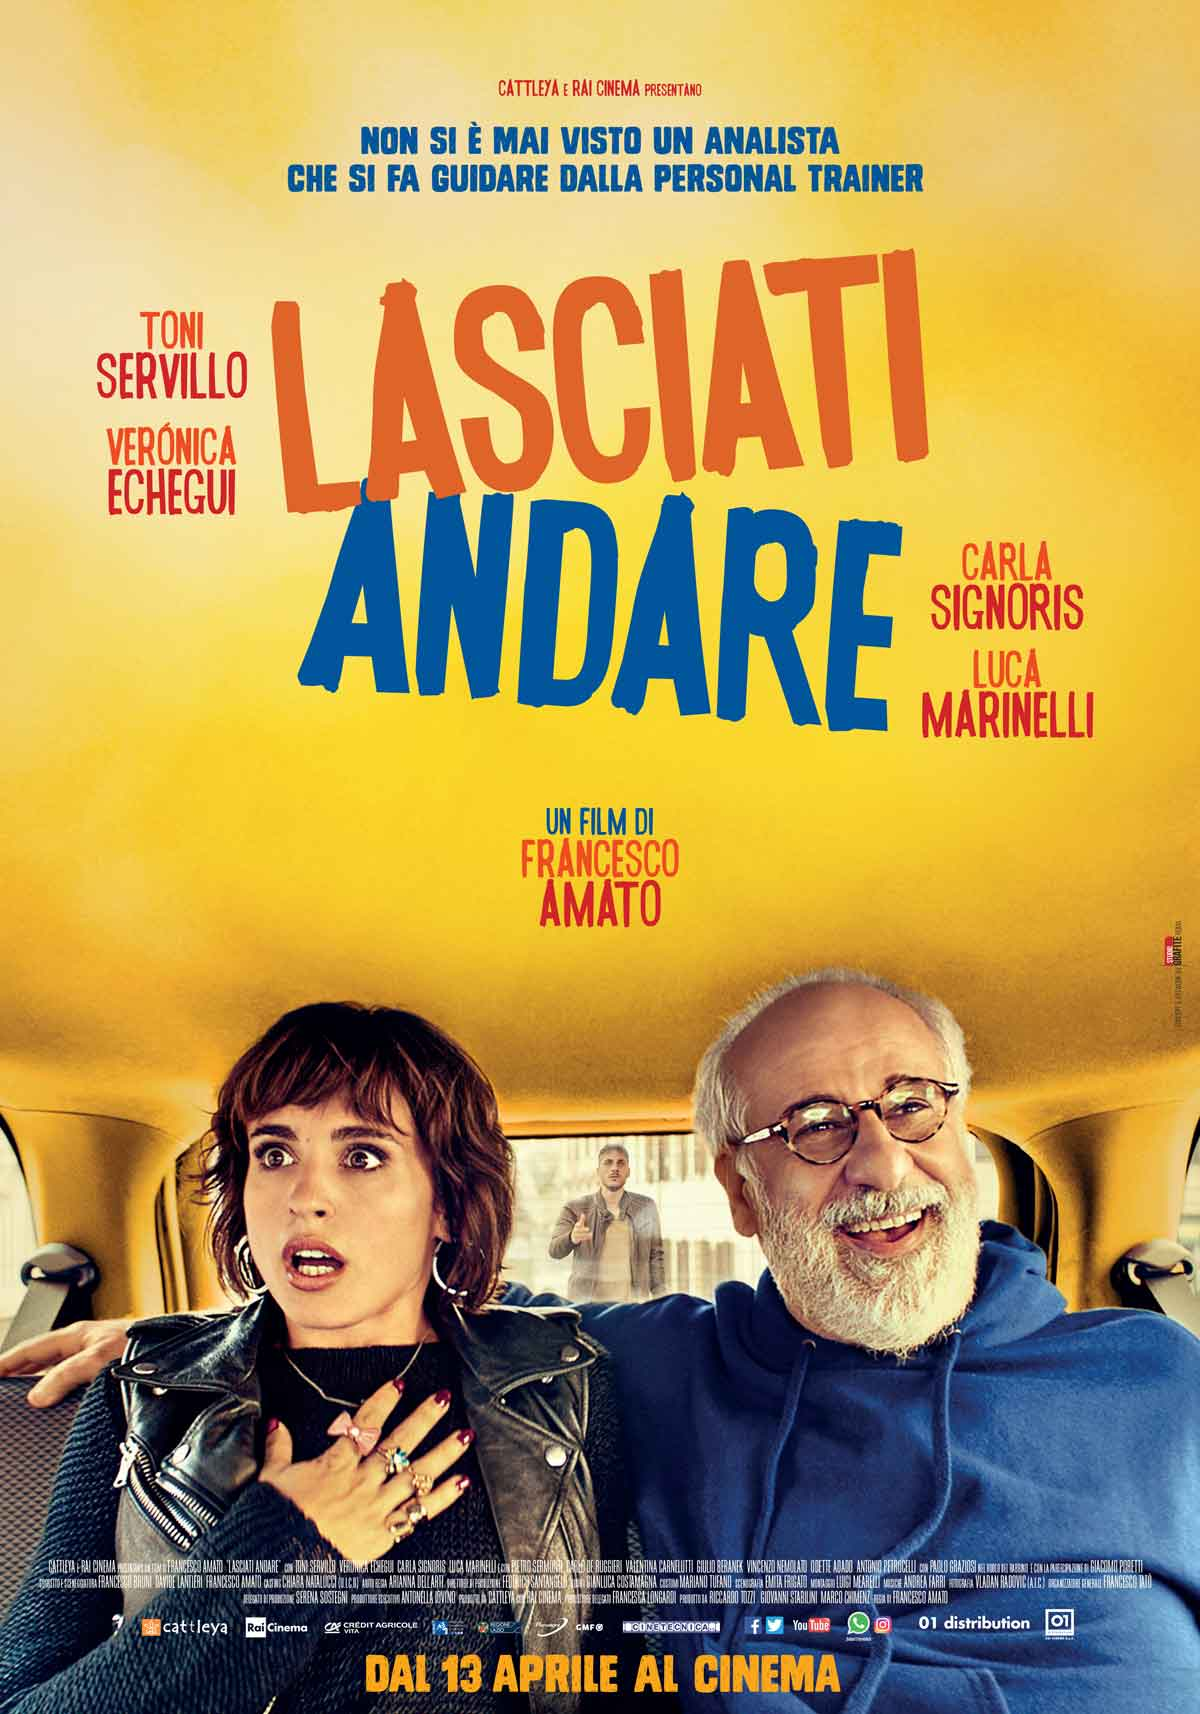 Lasciati andare, un film di Francesco Amato con Toni Servillo, Verònica Echegui, Carla Signoris, Luca Marinelli, dal 13 aprile al cinema.